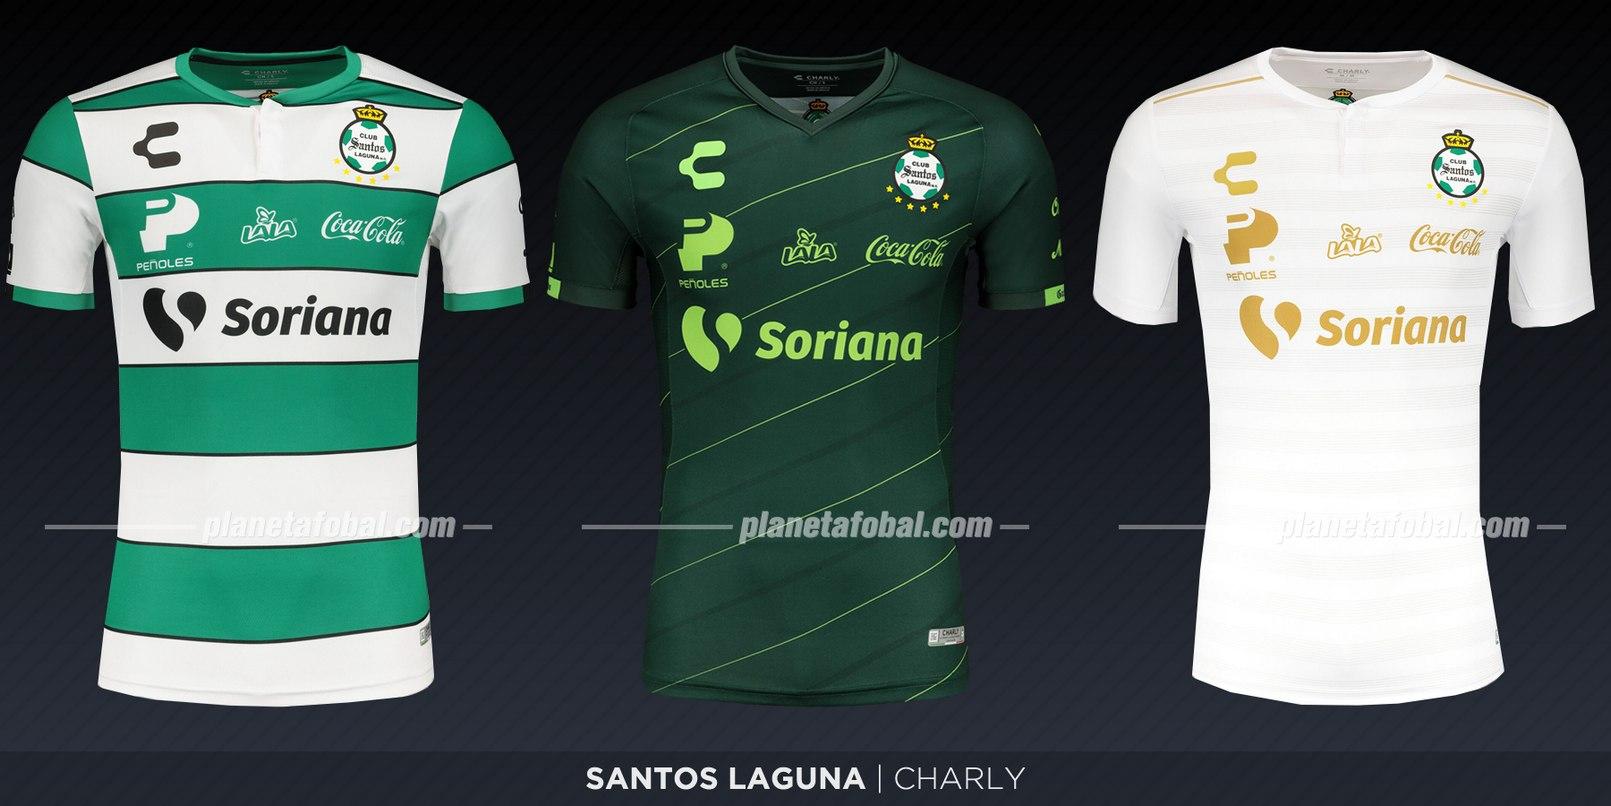 Santos Laguna (Charly) | Camisetas de la Liga MX 2019-2020